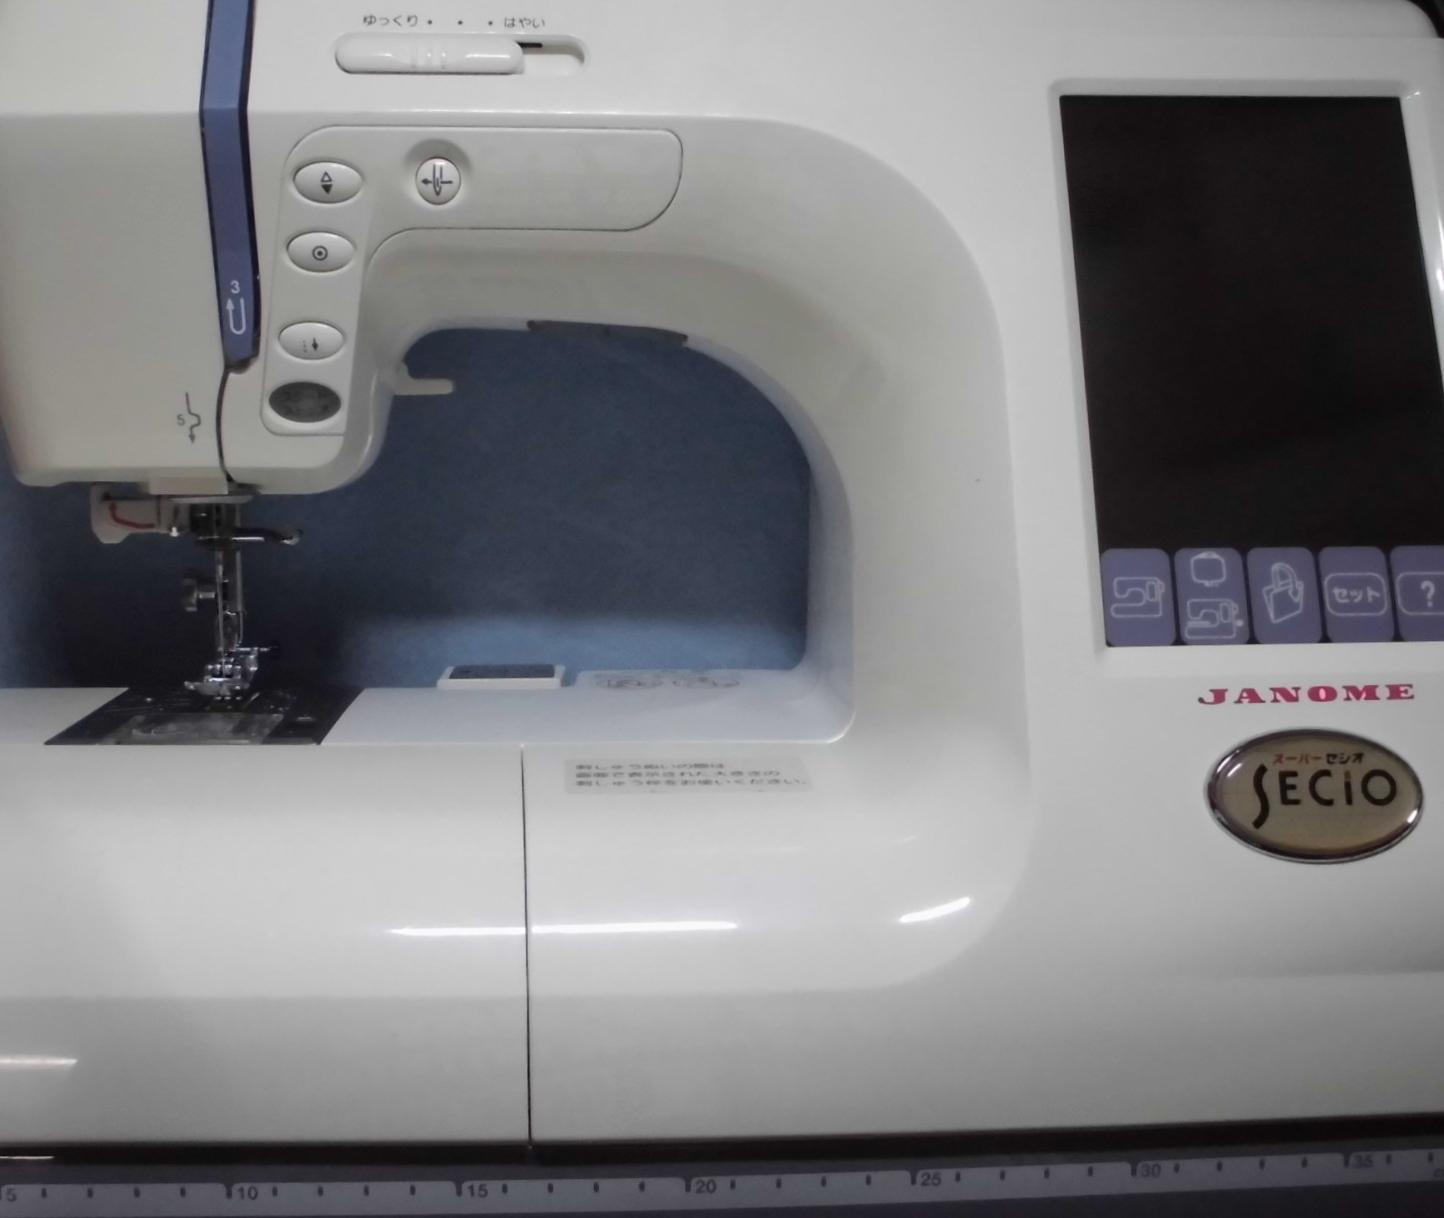 ジャノメミシン修理|スーパーセシオ9500|850型|ミシンが動かない|電源を入れ直してください